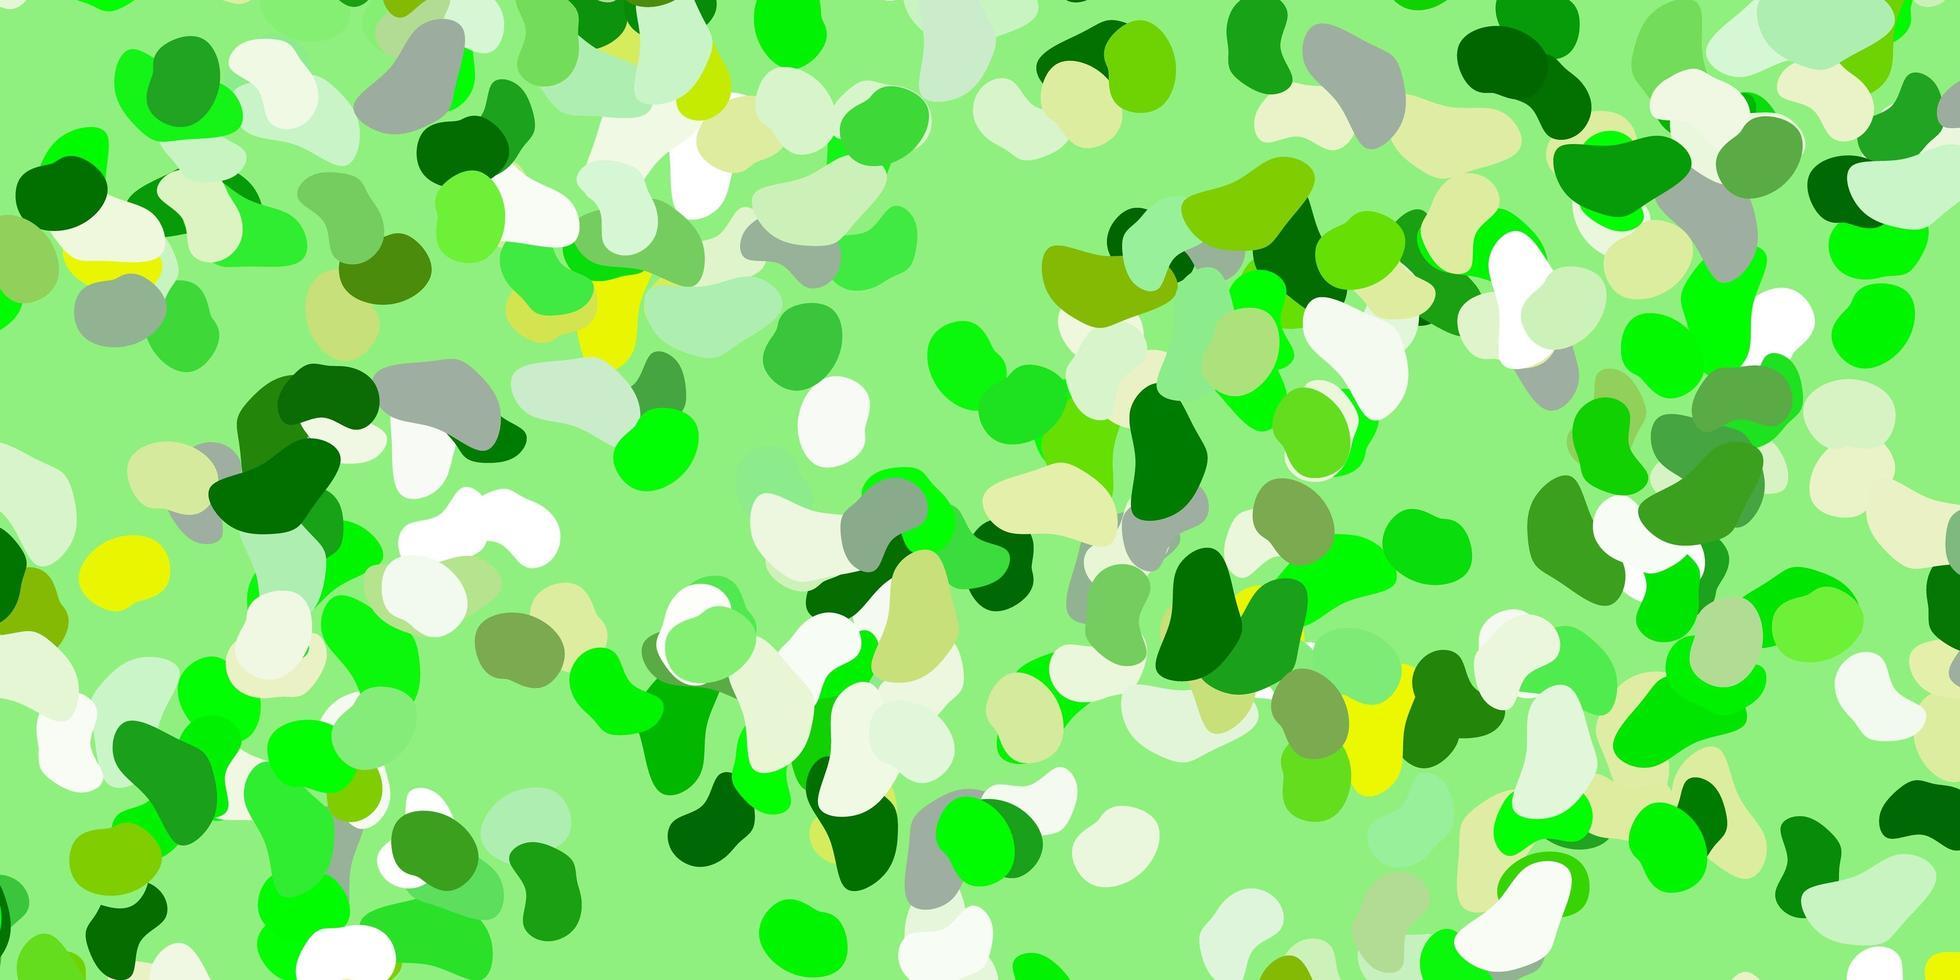 hellgrünes, gelbes Vektormuster mit abstrakten Formen. vektor